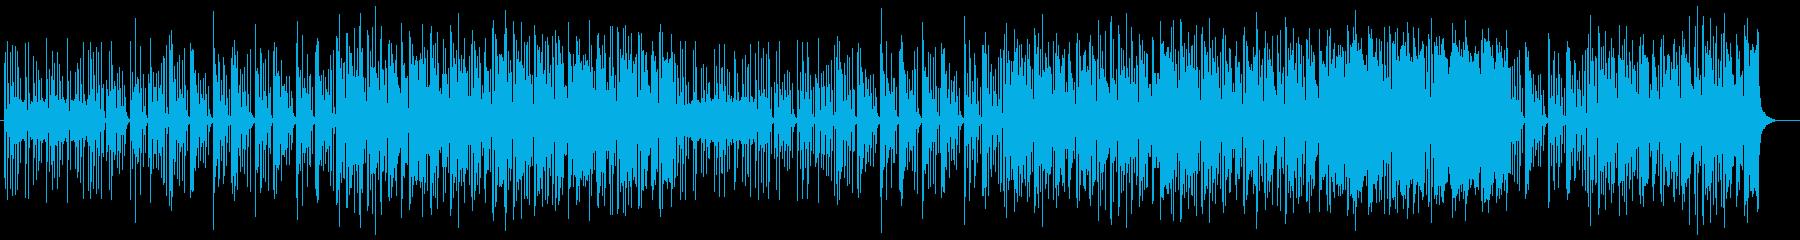 森の雨音のように木琴が跳ねるインスト曲の再生済みの波形